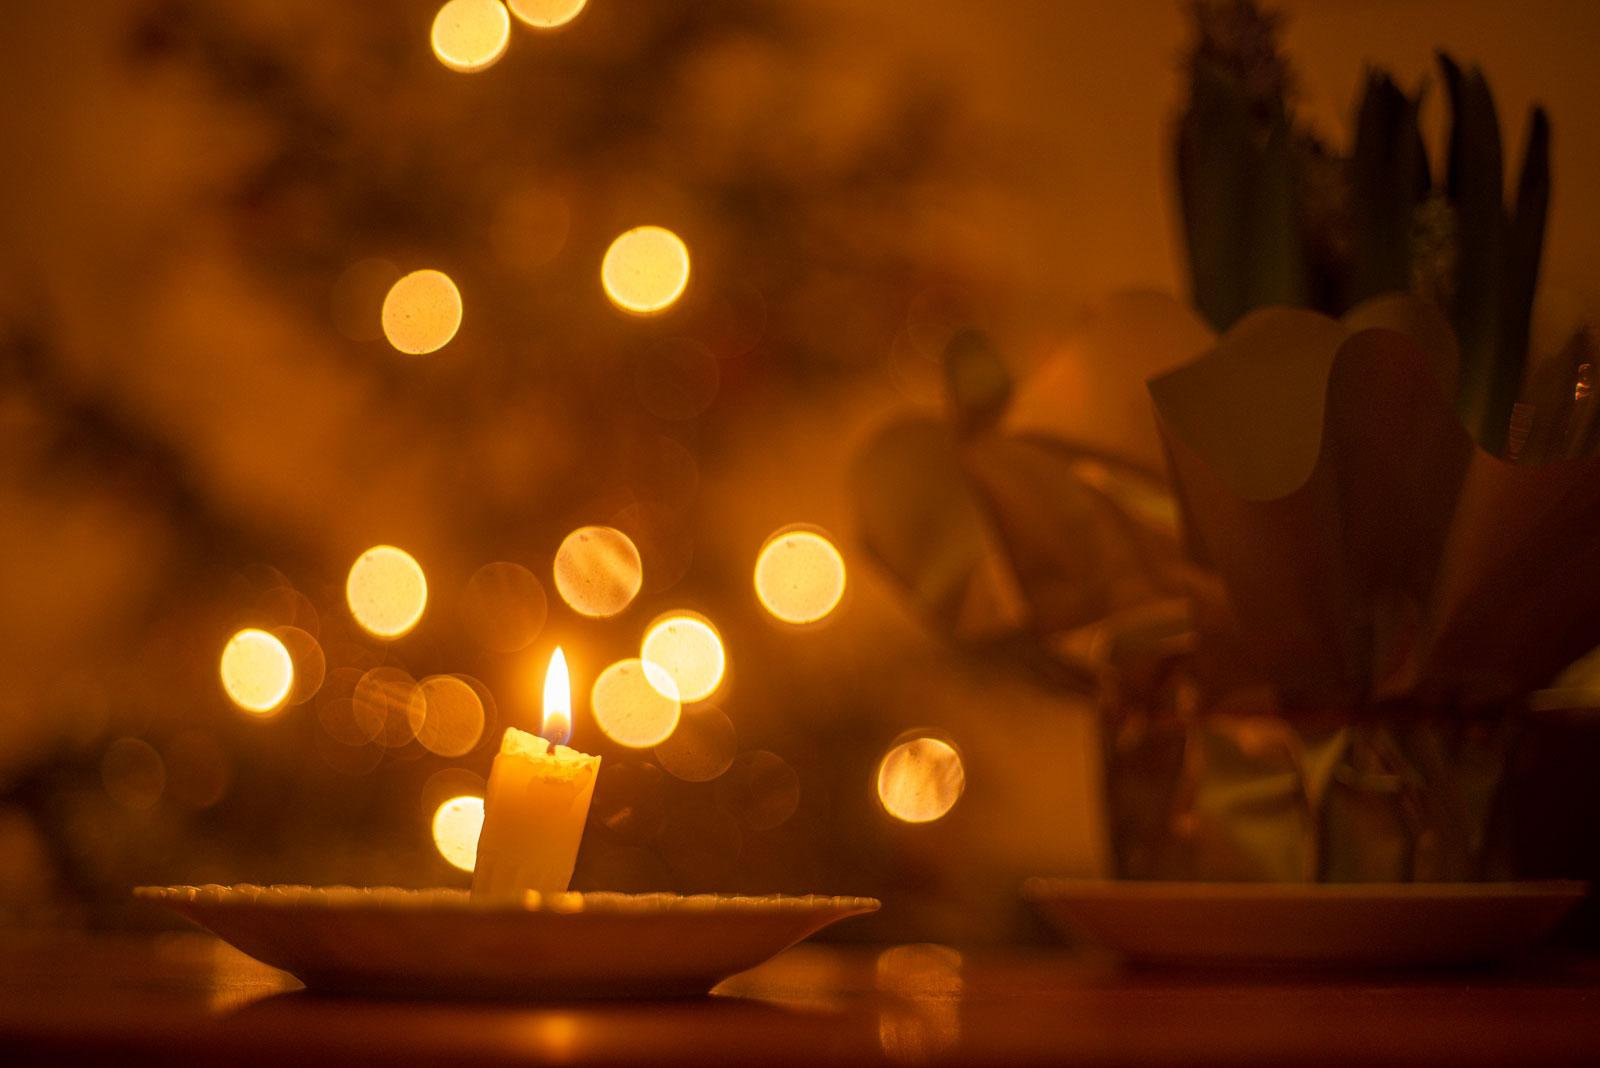 kuvassa on kynttilä ja taustalla joulukuusi